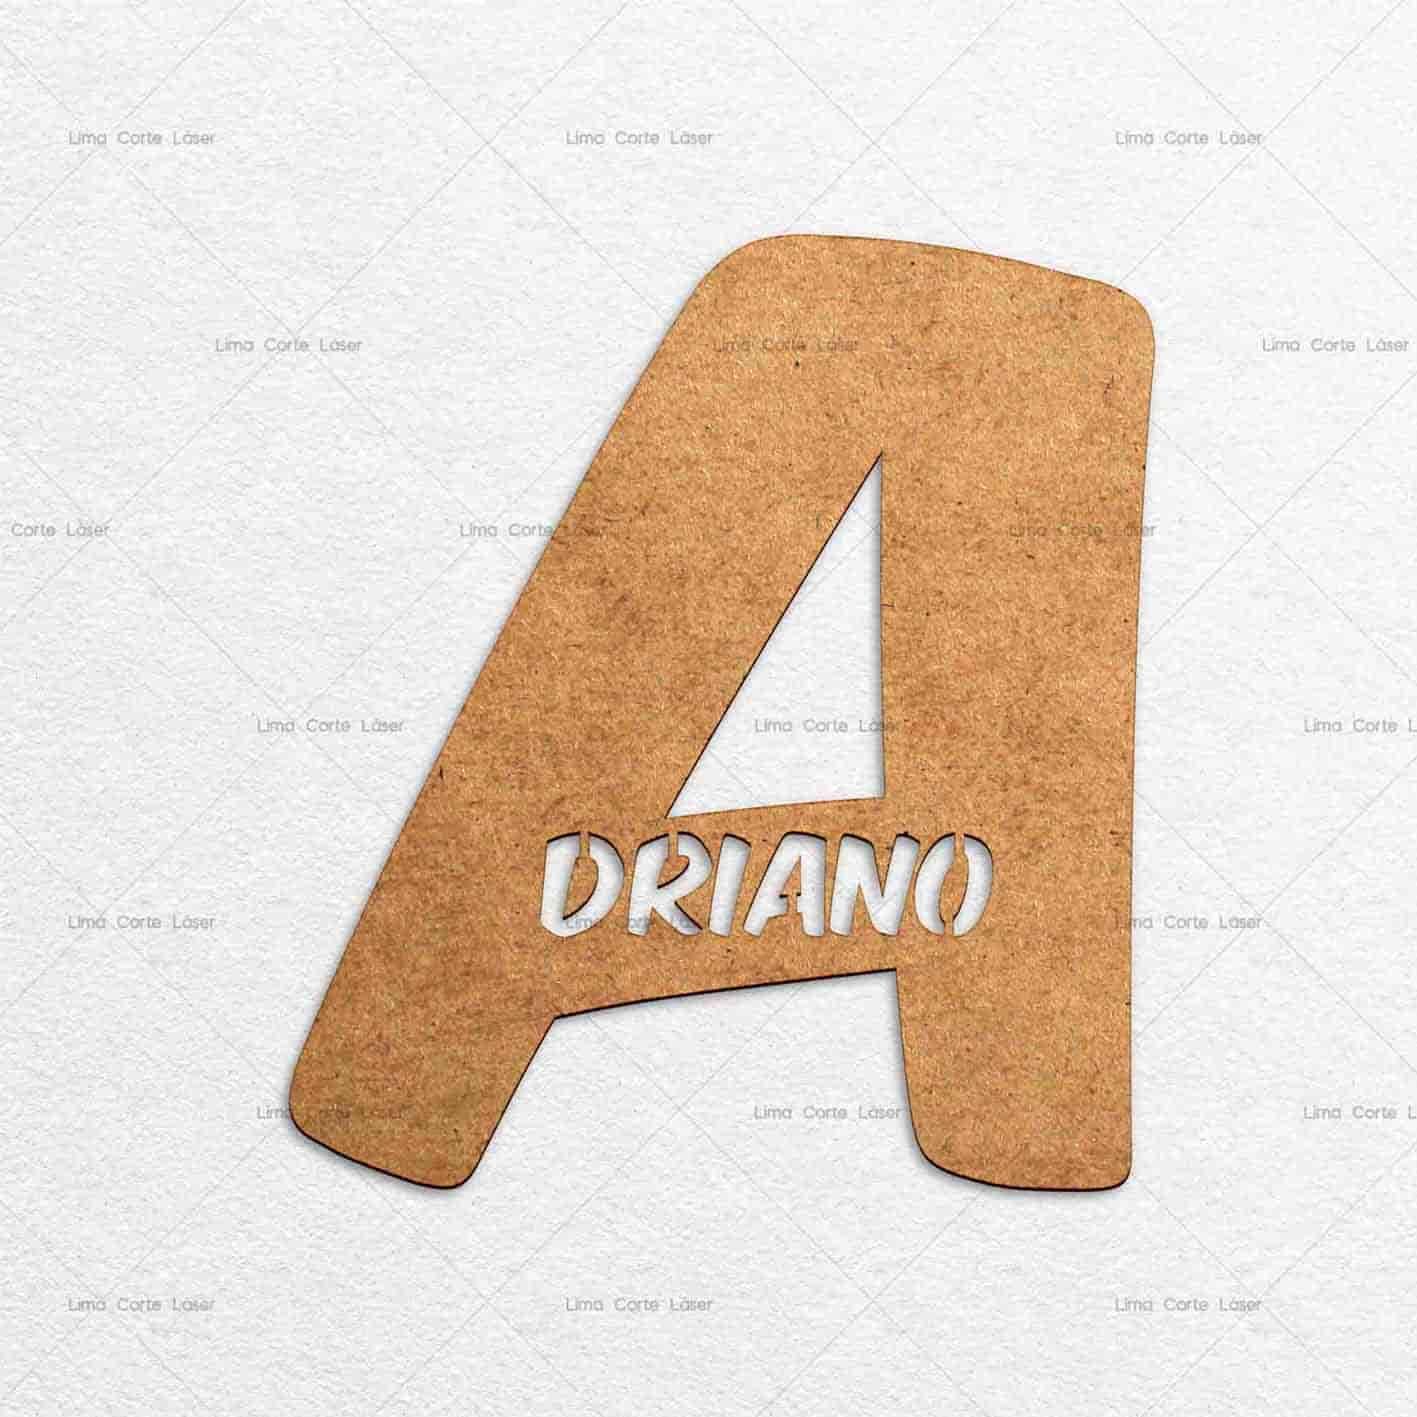 Cartel con el nombre Adriano hecho de mdf y cortado con láser